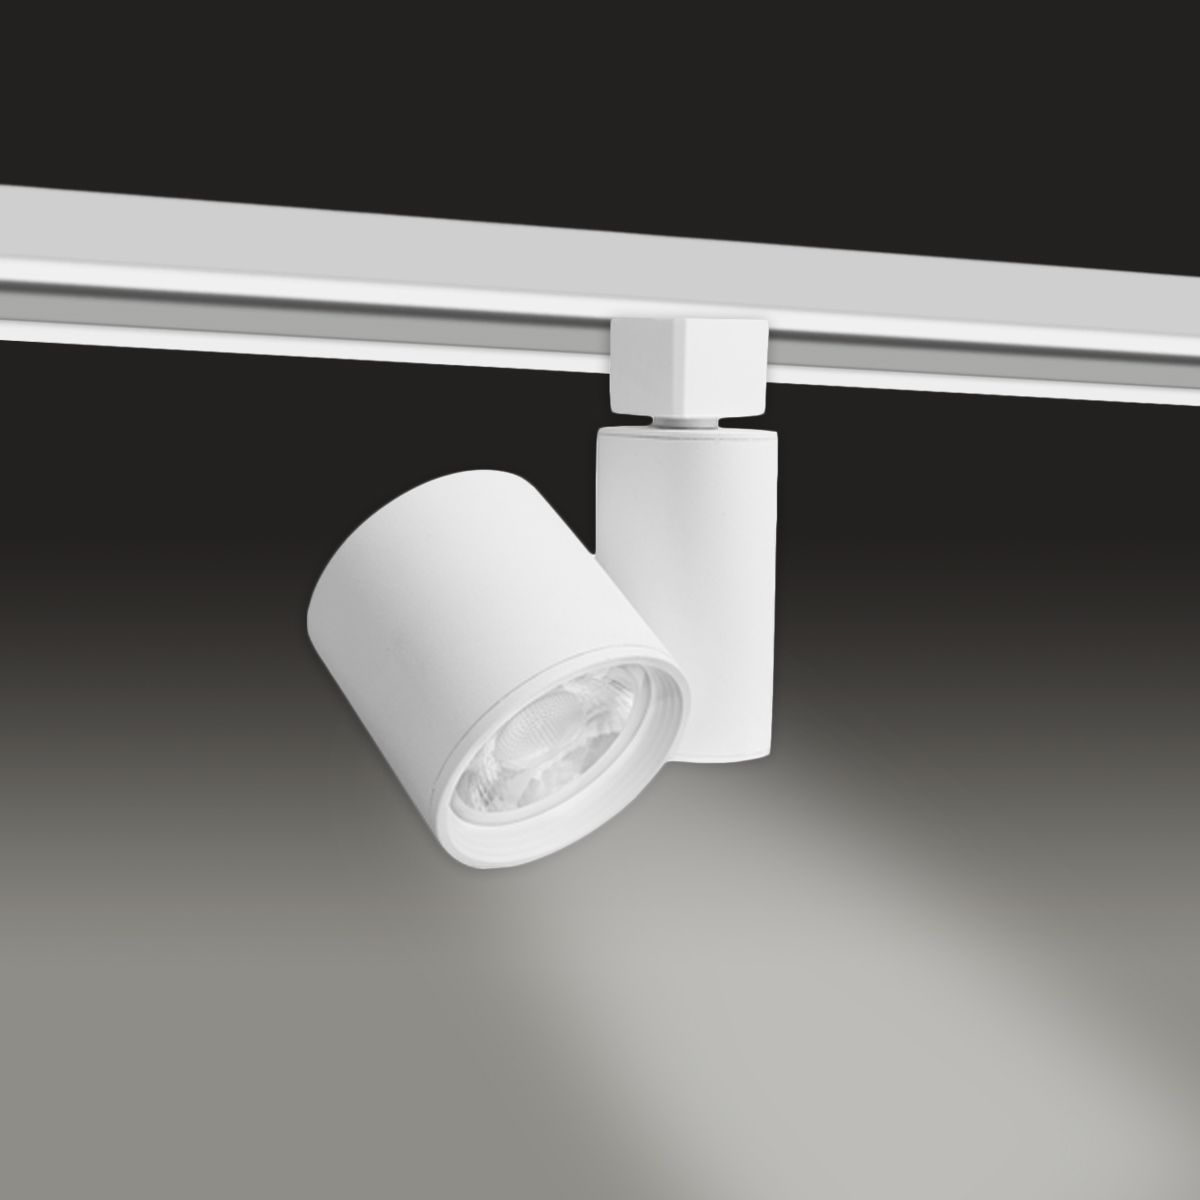 alcon 13303 ello architectural led adjustable track light